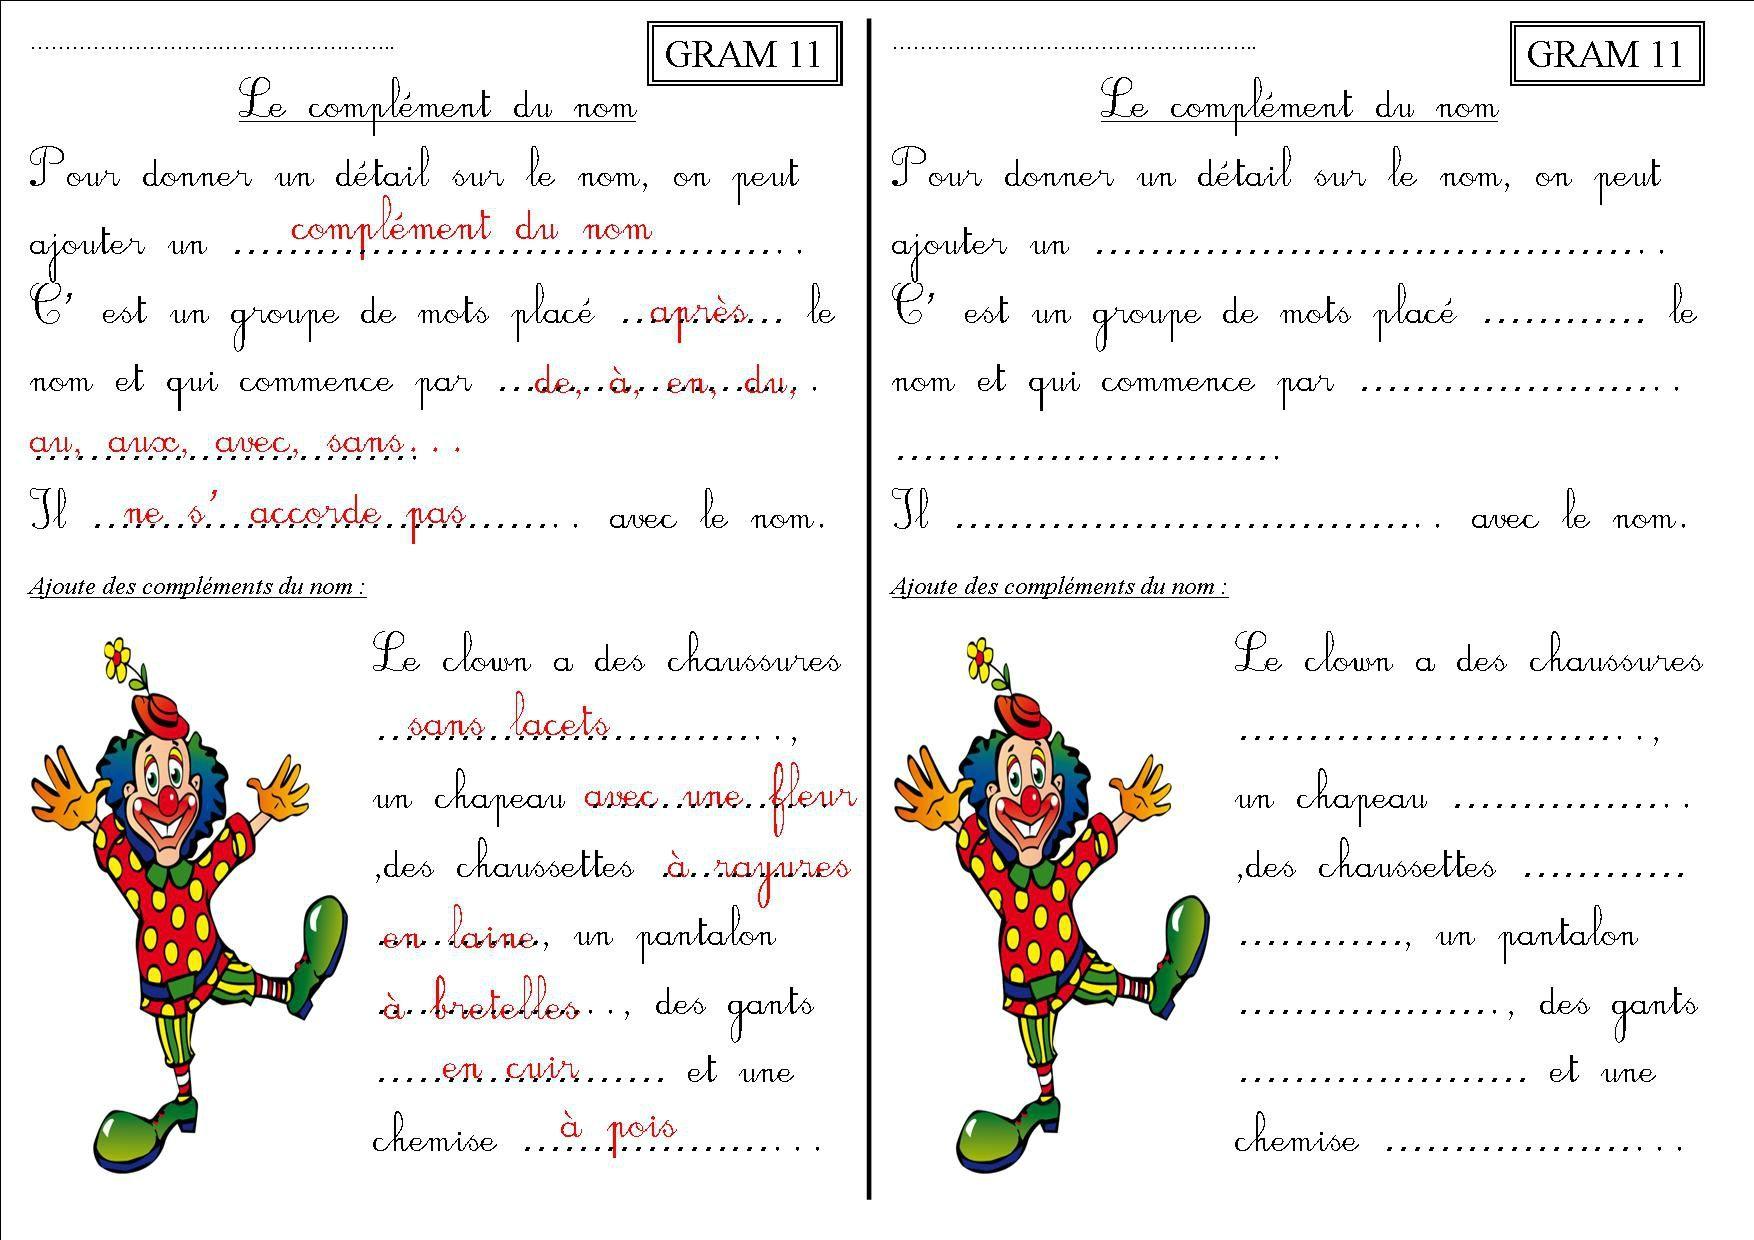 GRAM 11 CE2 : le complément du nom - La classe des CE de ...